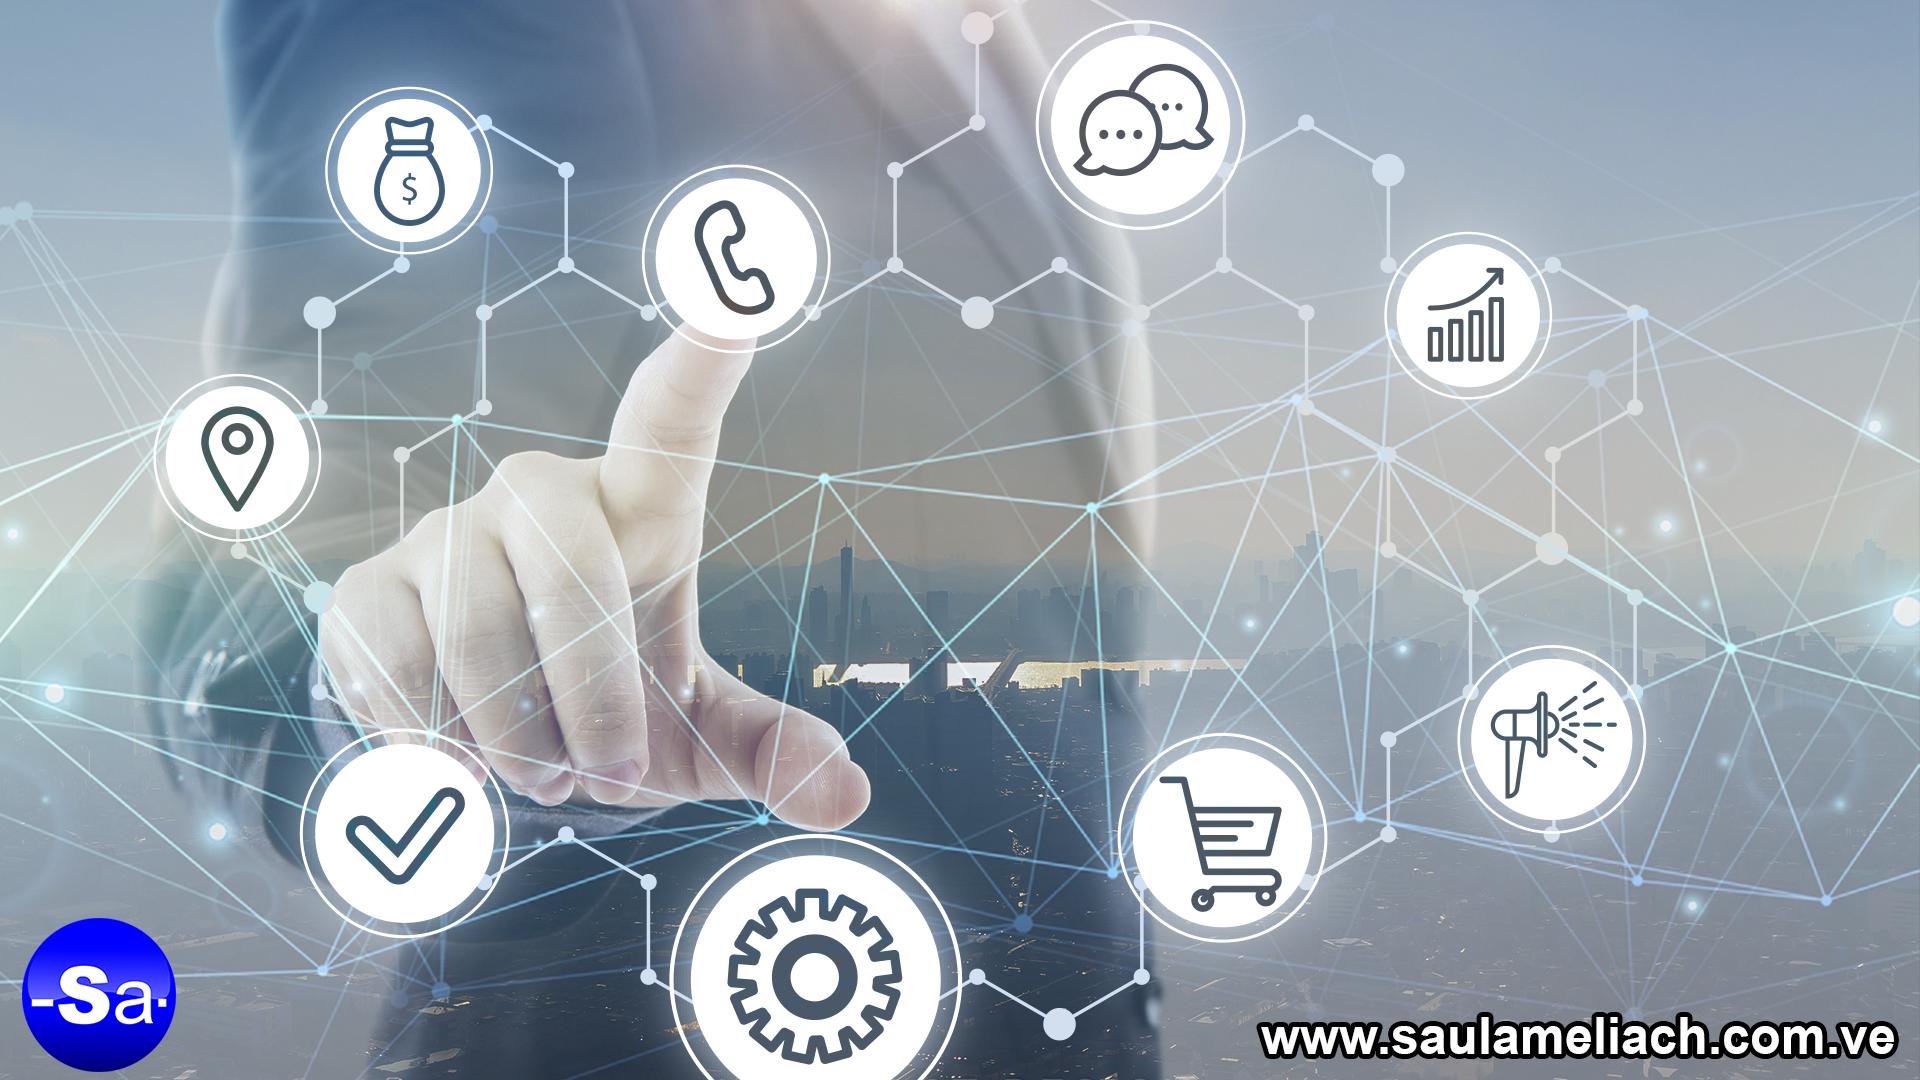 Saul Ameliach Blockchain y Marketing Digital: Nuevas estrategias digitales